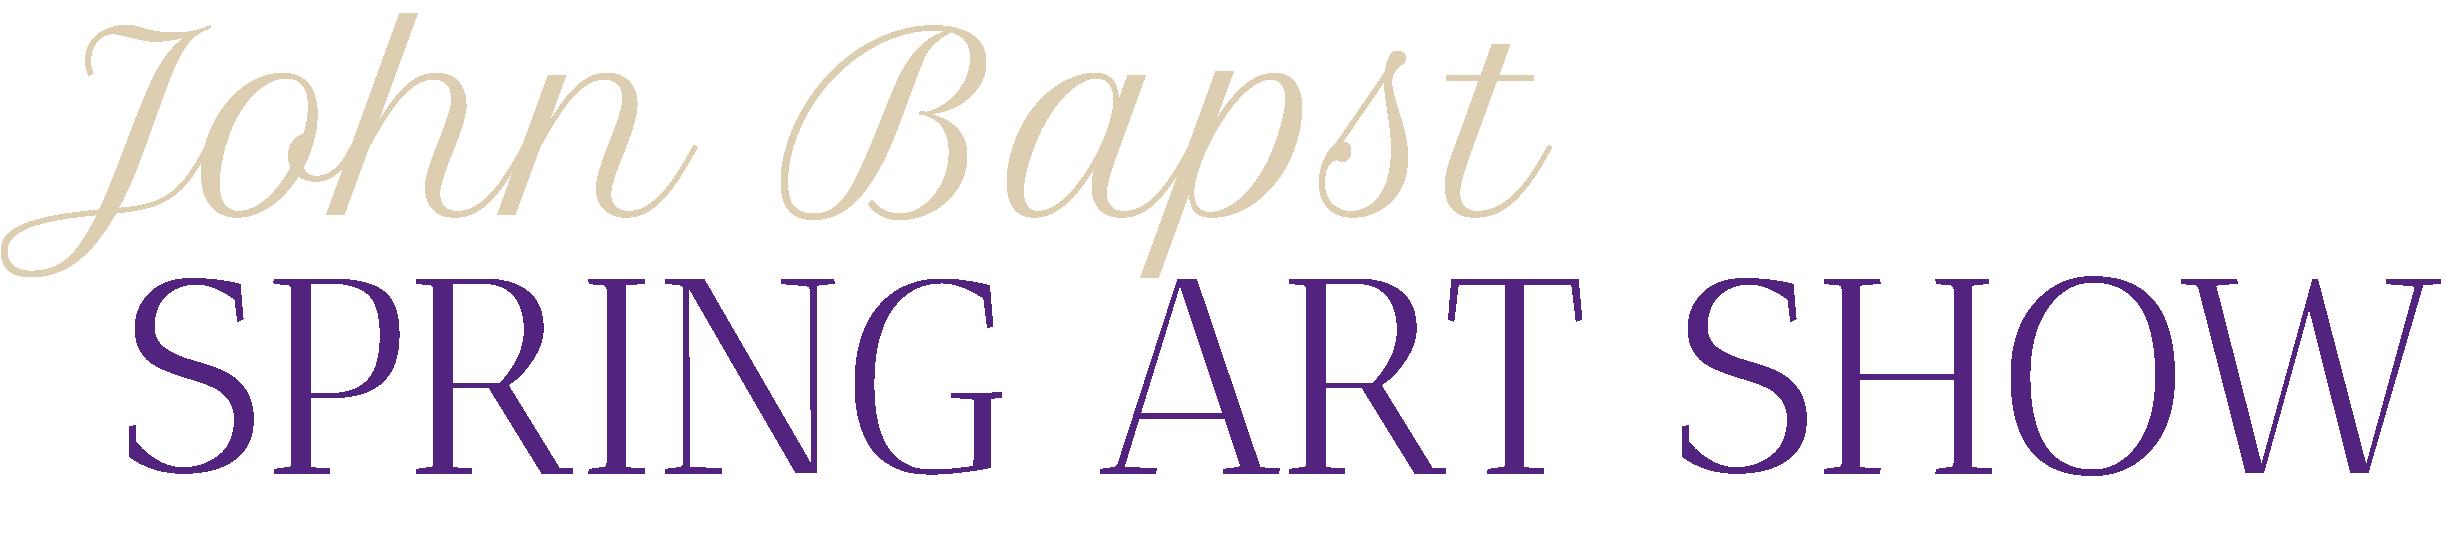 Bapst Art Show